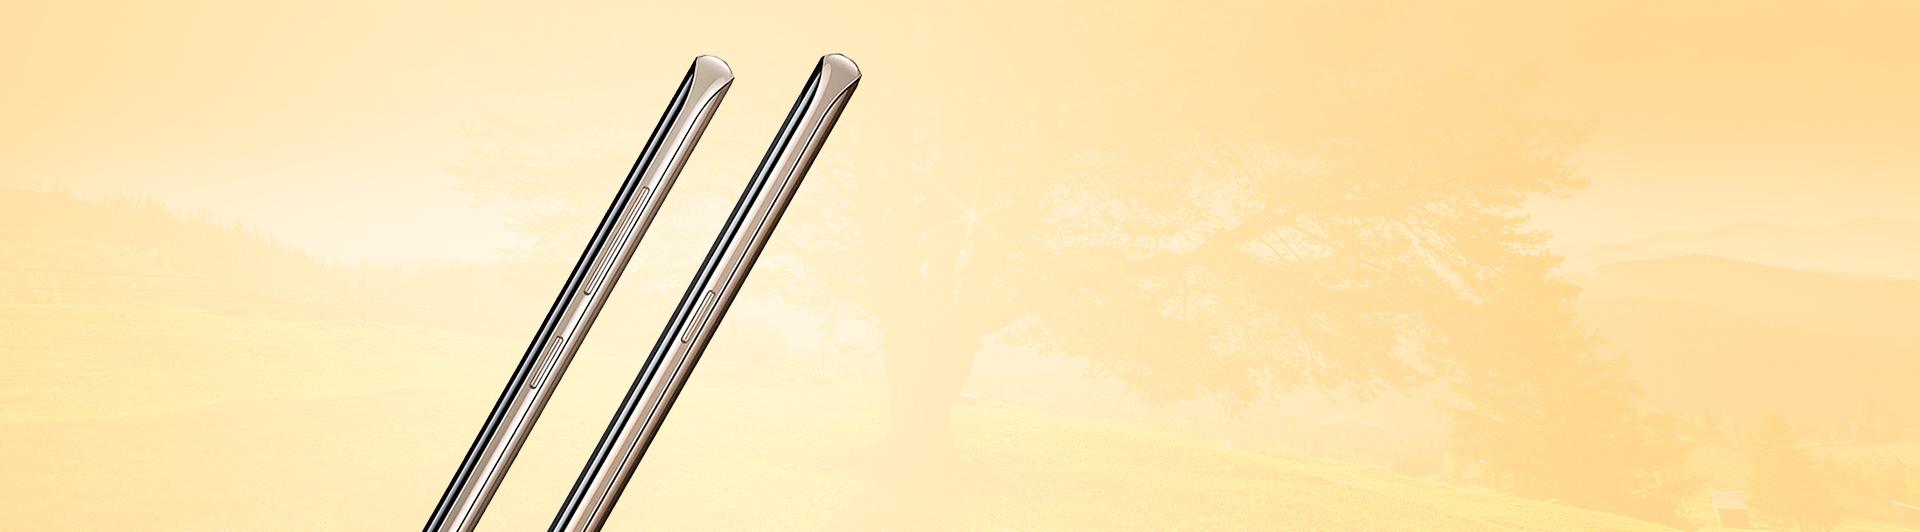 Điện thoại Samsung Galaxy S8 Plus vàng nhiều tính năng thông minh